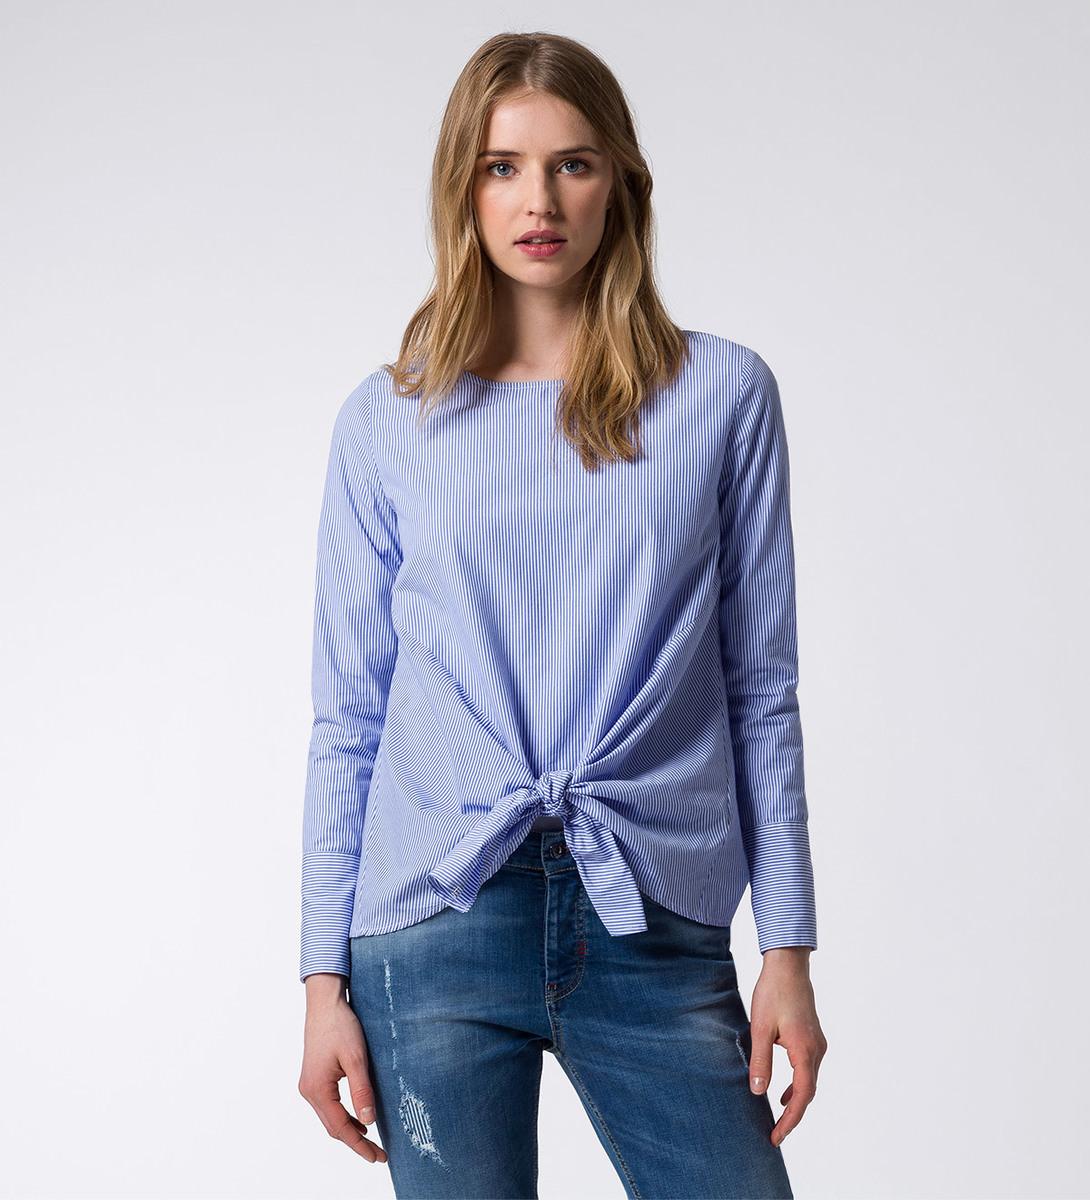 Bluse mit Knoten in arctic blue